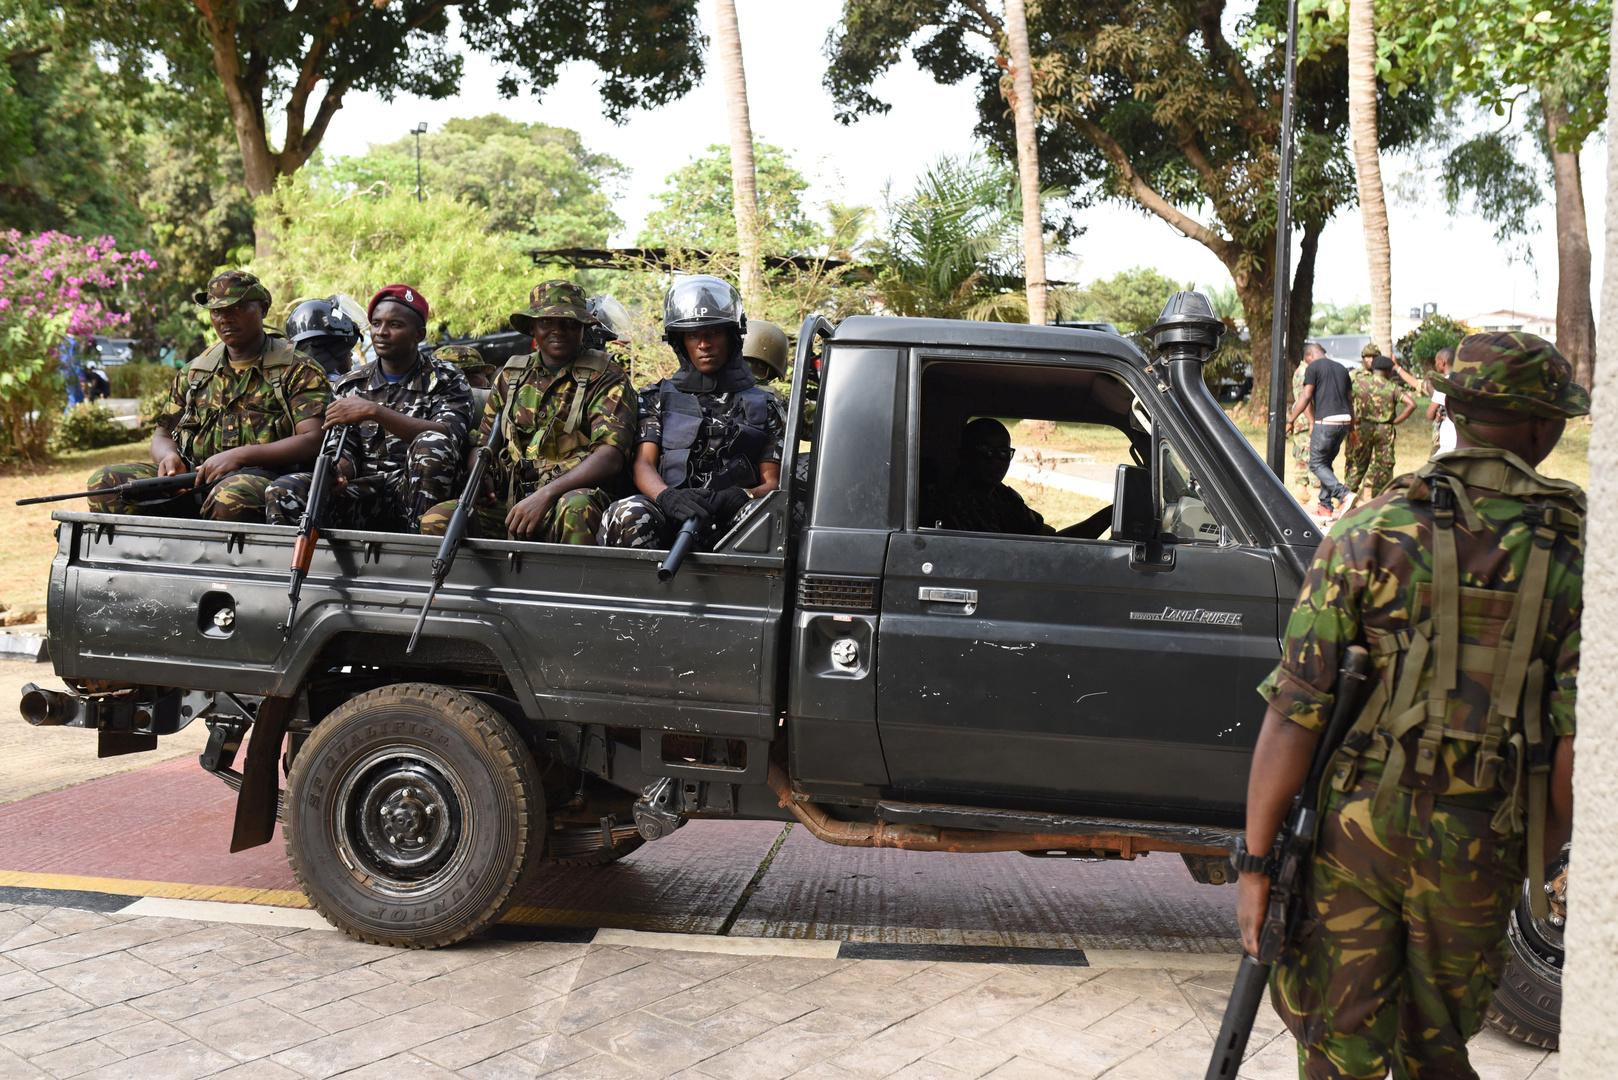 مقتل 4 أشخاص بإطلاق قوات الأمن النار على محتجين في سيراليون